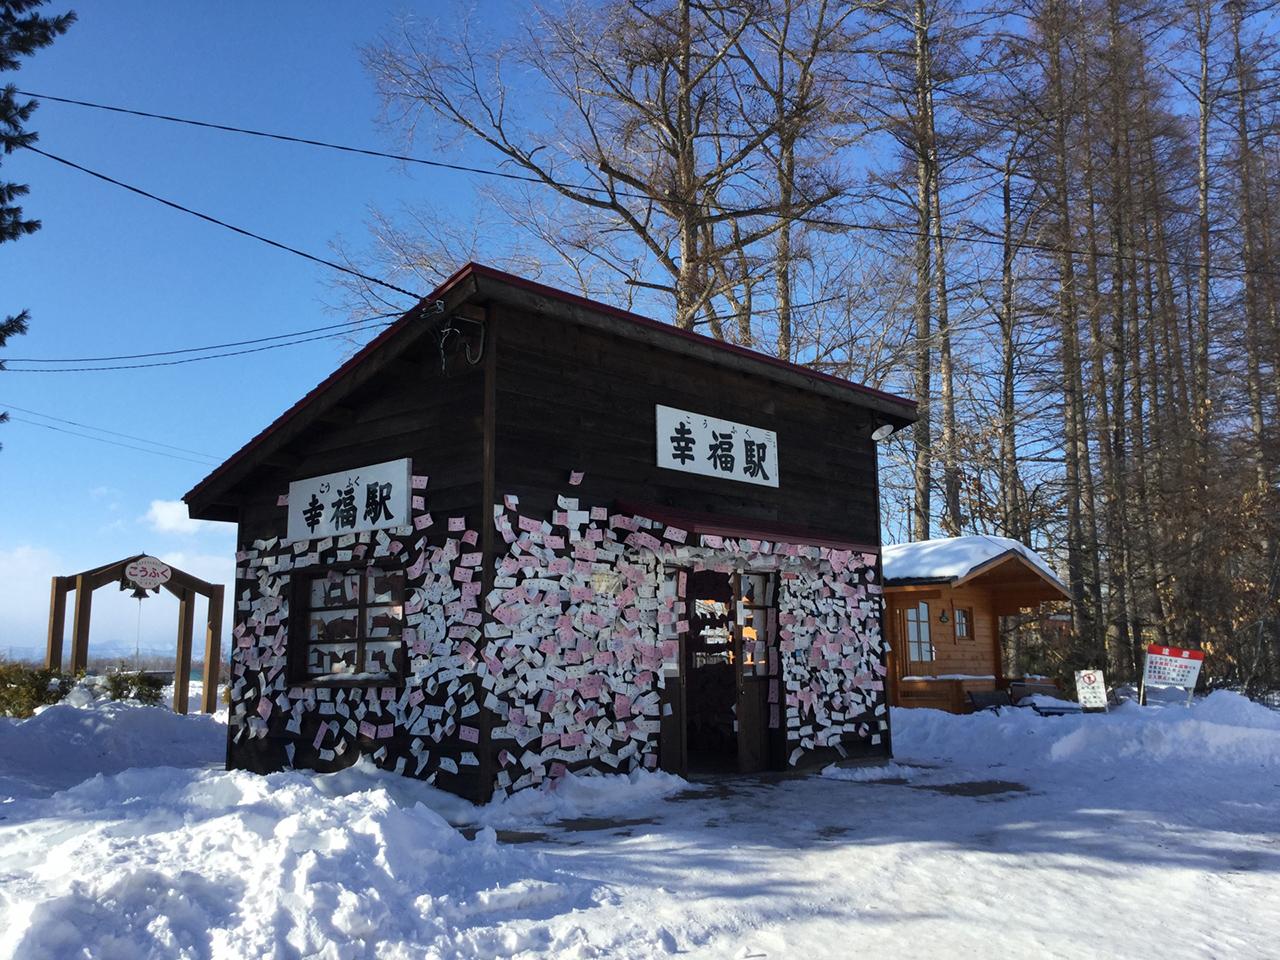 บรรยากาศรอบๆ สถานีโคฟุคุ (Kofuku Station) จังหวัดฮอกไกโด